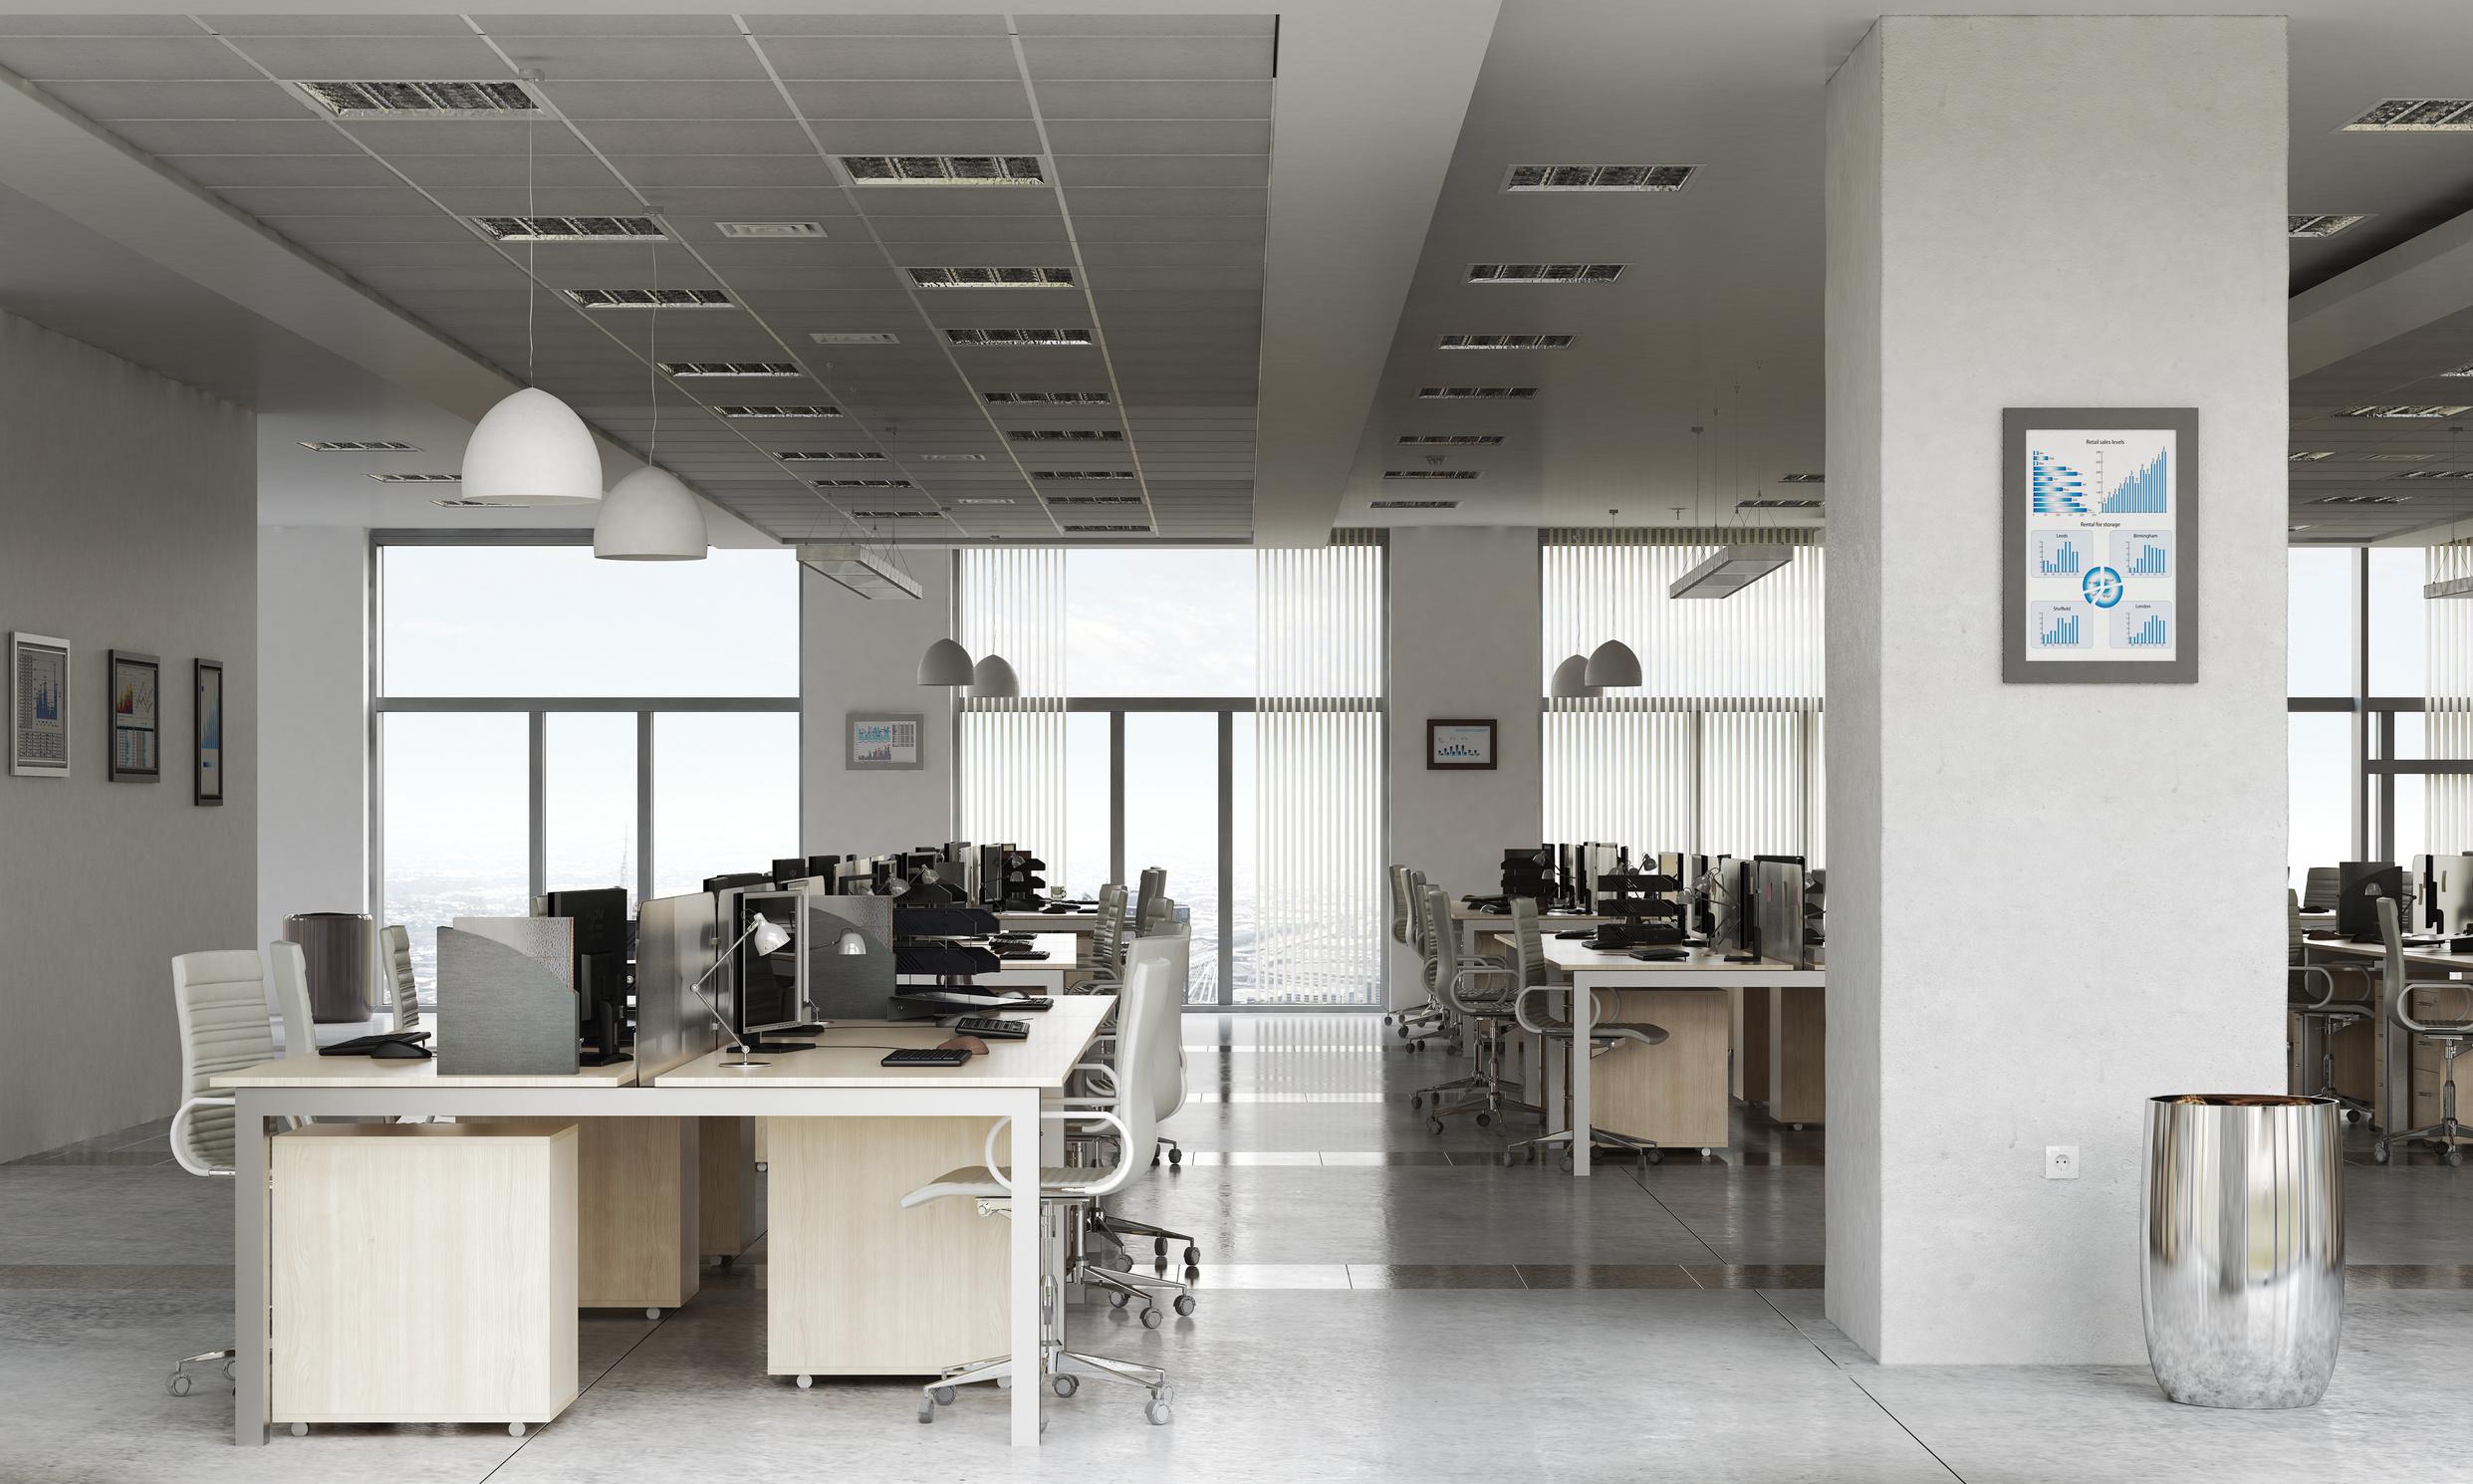 Büromöbel als Sonderausgaben oder als außergewöhnliche Belastungen absetzen